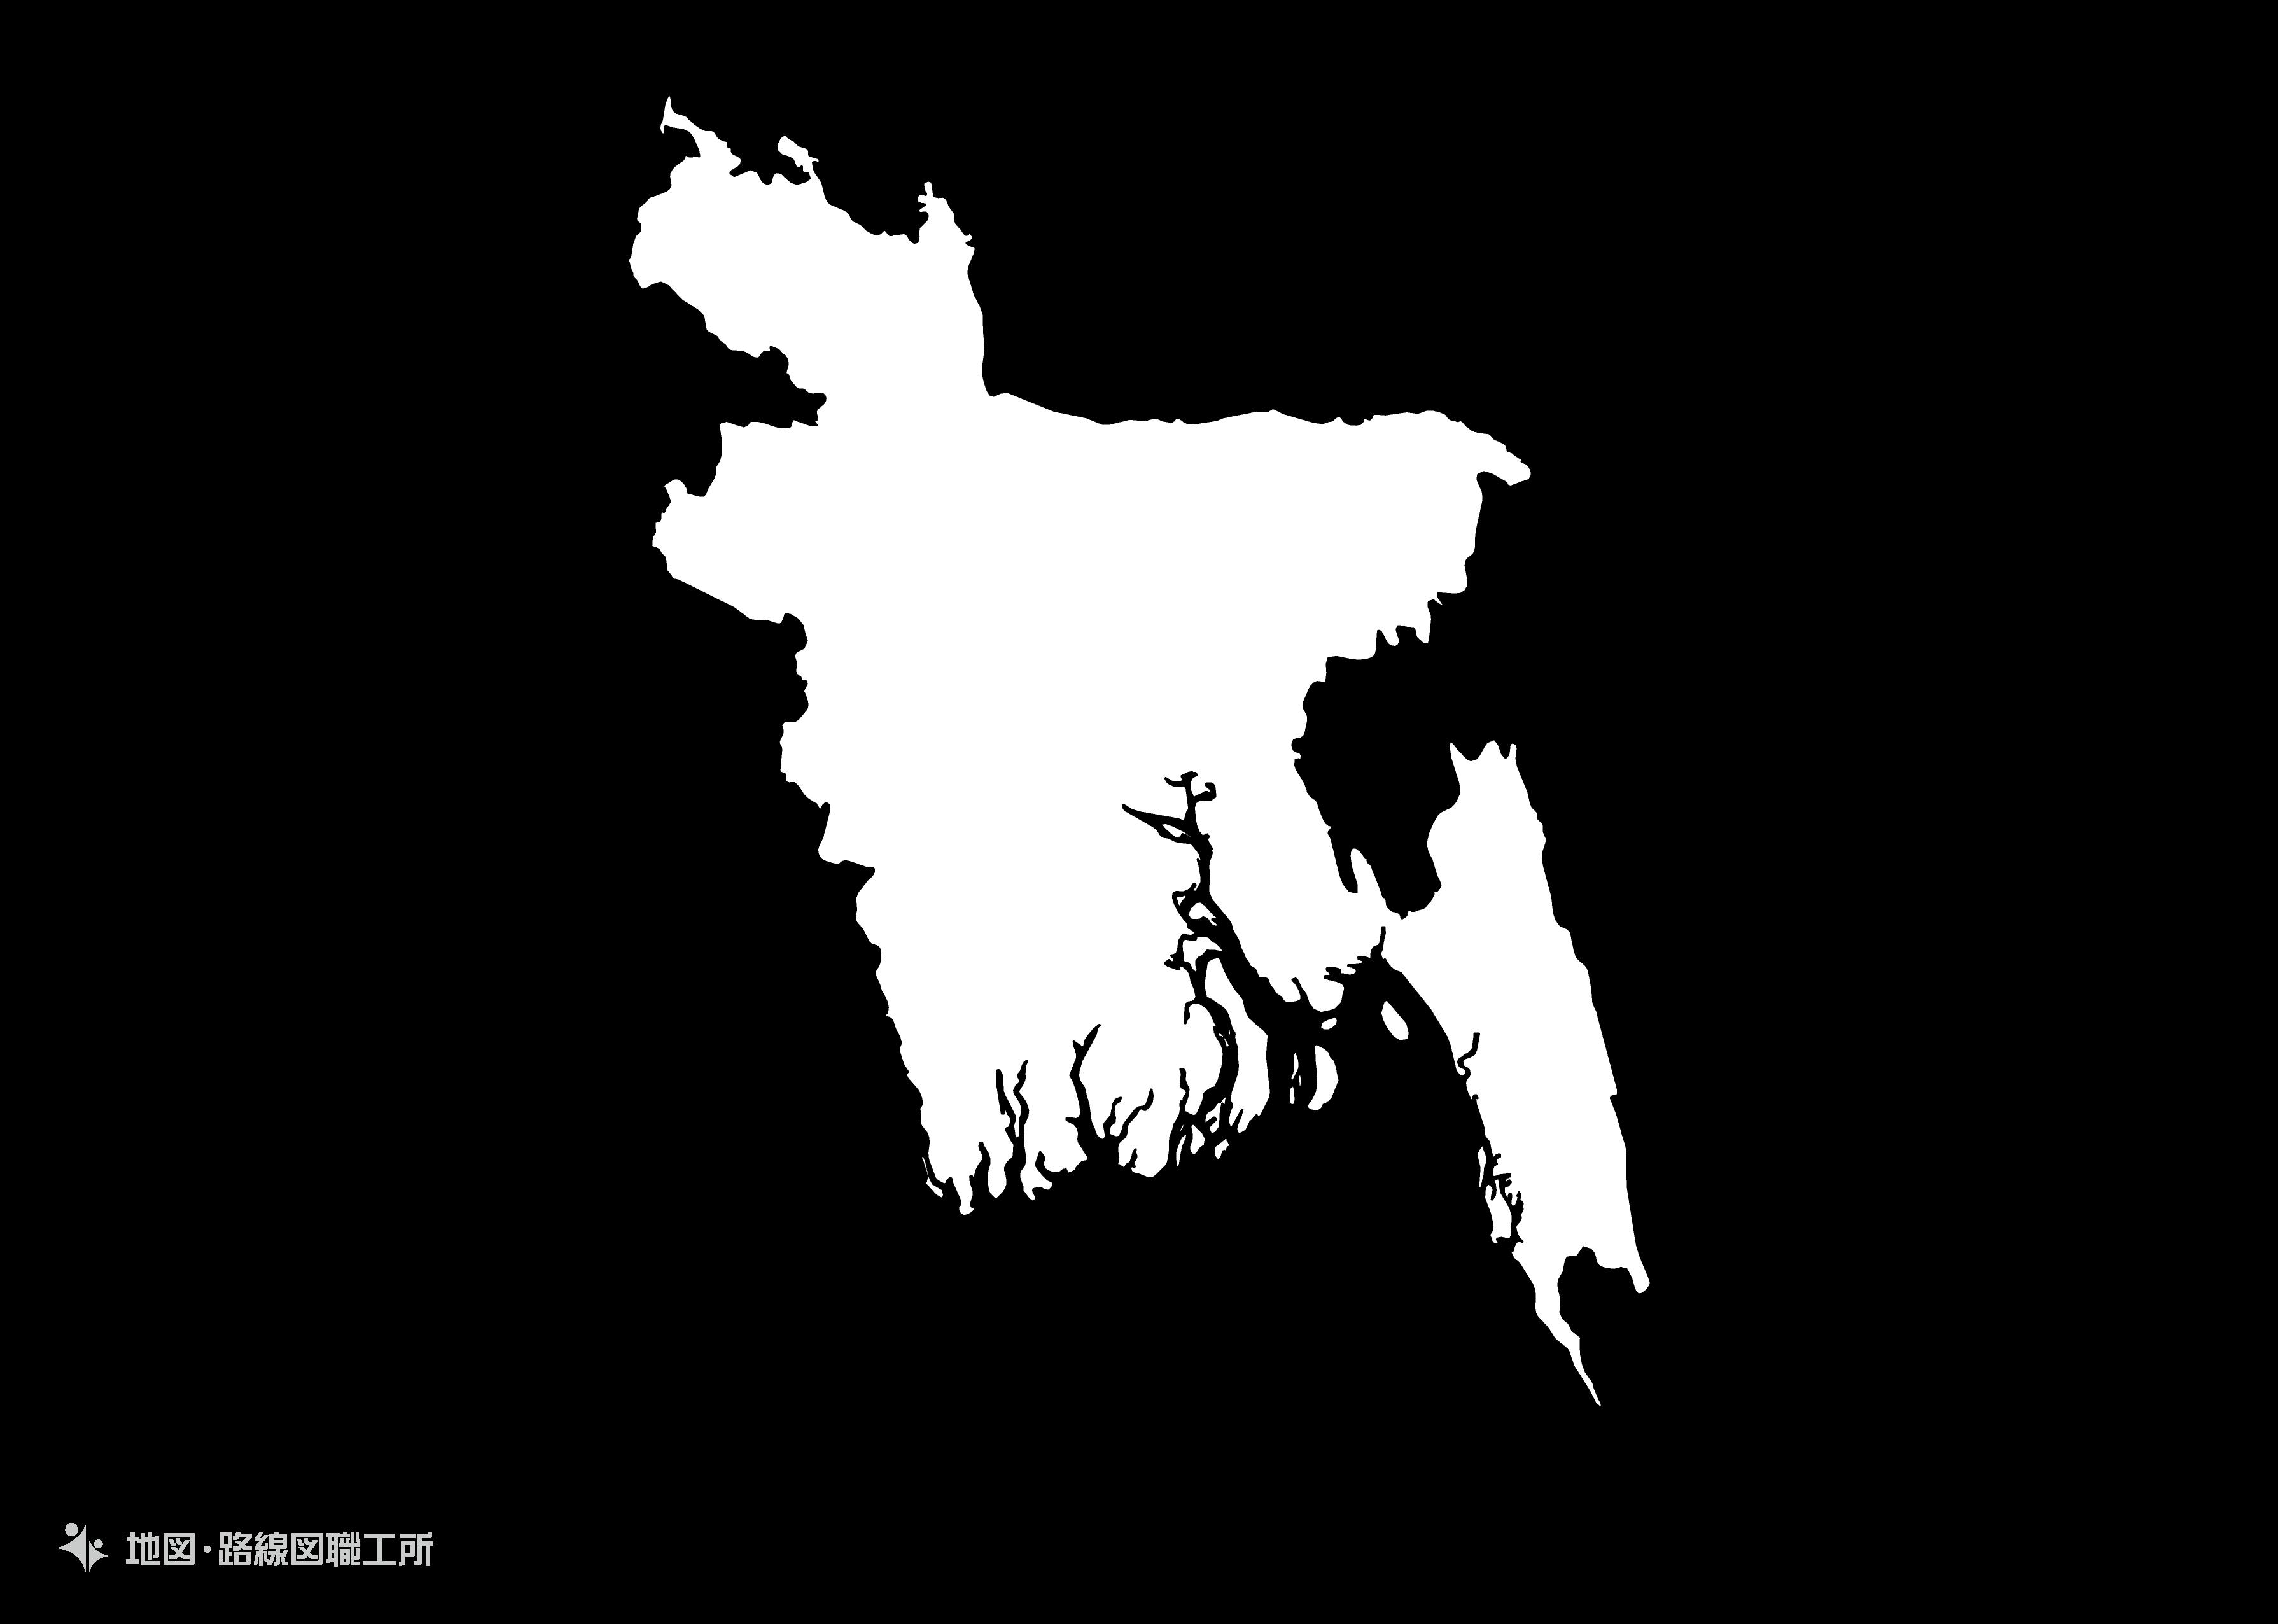 世界の白地図 バングラディシュ人民共和国 peoples-republic-of-bangladesh map